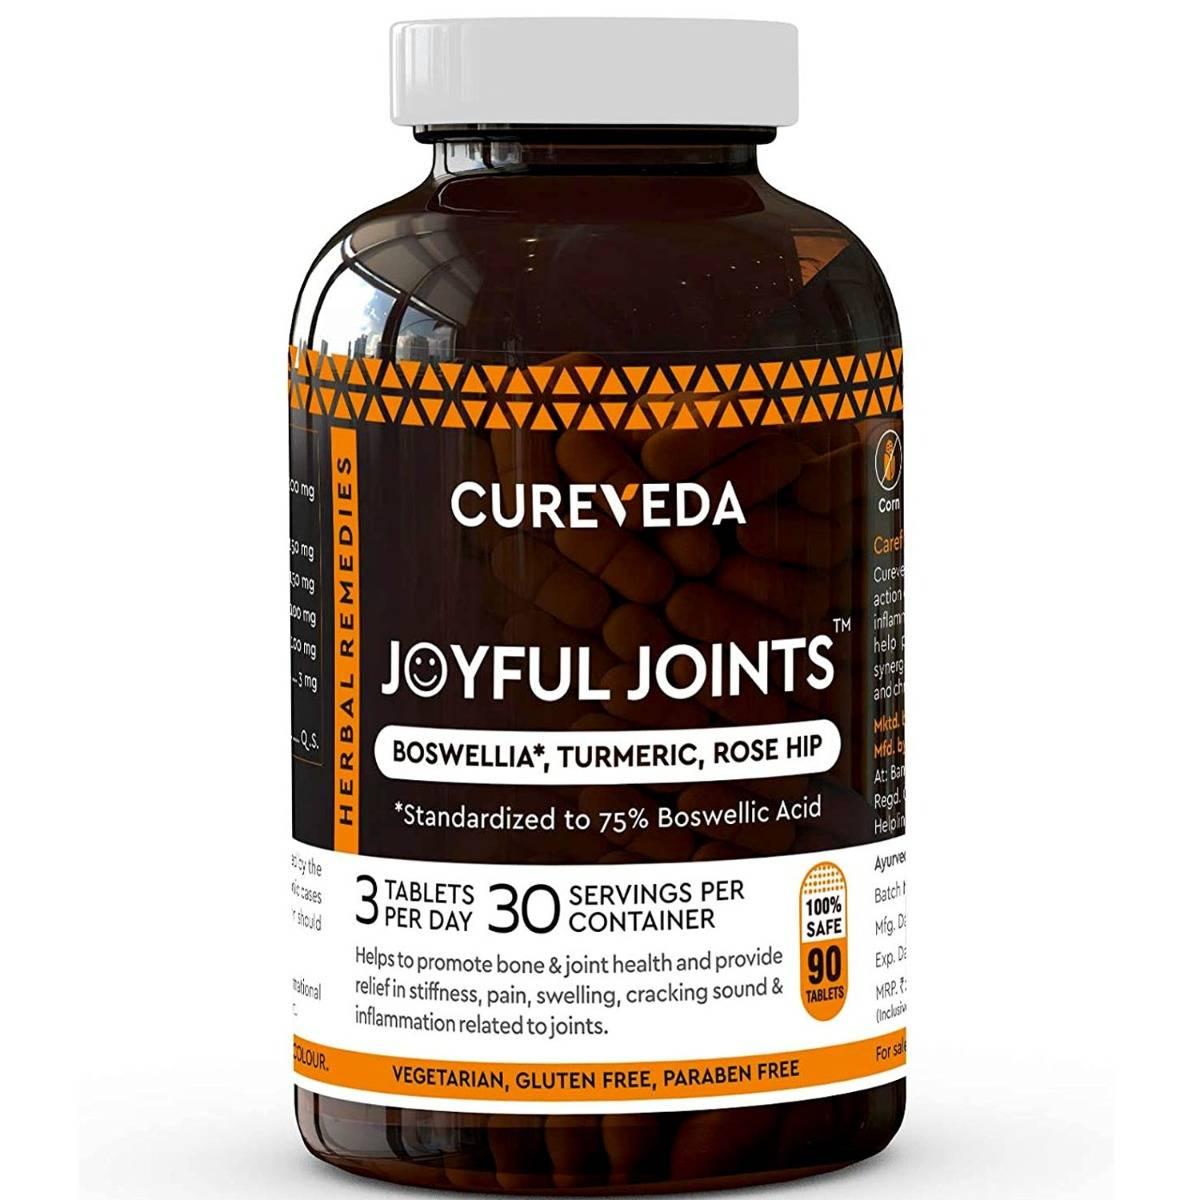 Cureveda Joyful Joints, 90 Tablets